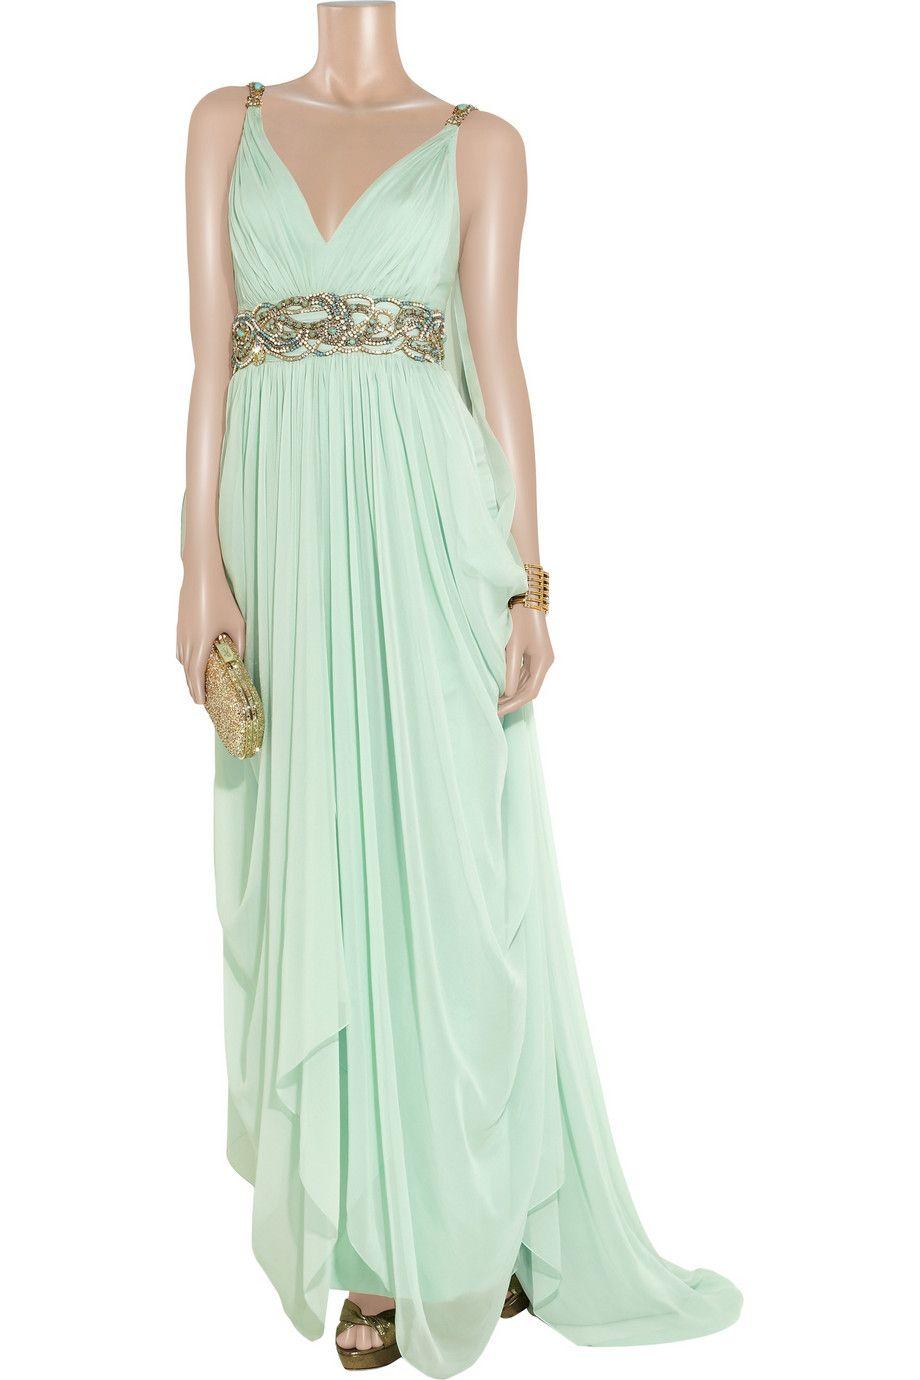 4c76fbf18178 Mint Greek goddess dress | Women's Apparel | Fashion dresses ...